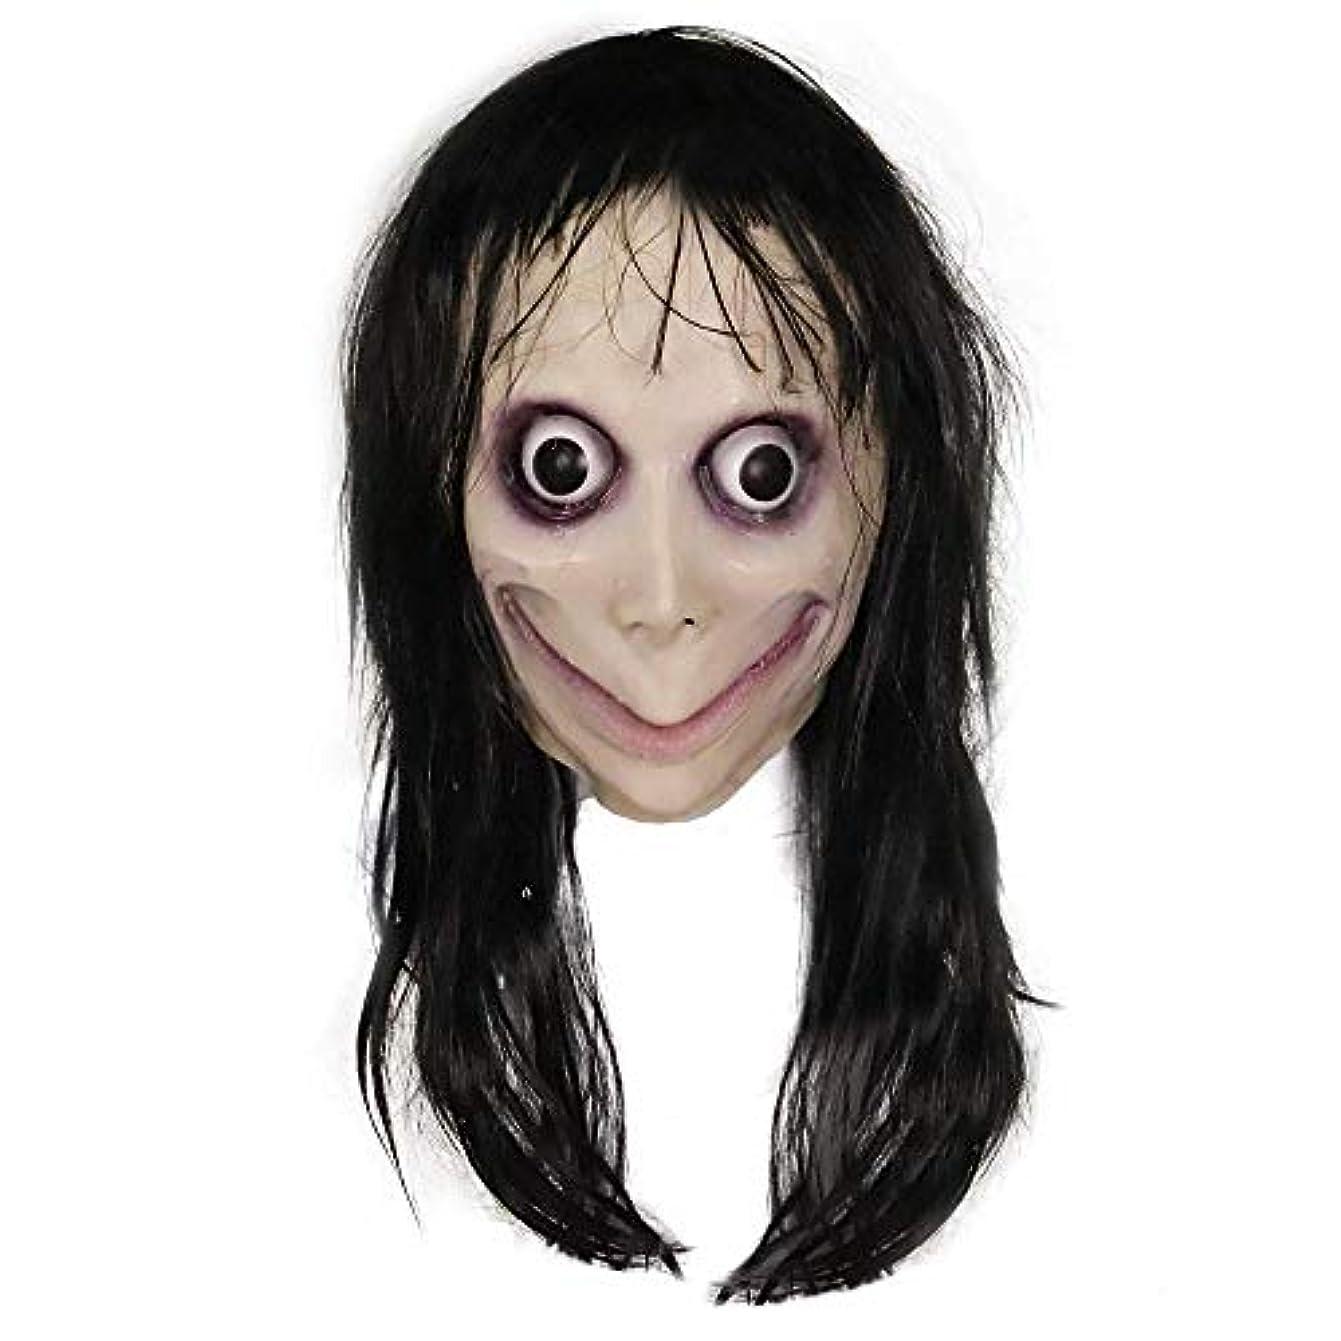 端末調和のとれた不振不気味なマスク、髪怖いゲームモモマスク、ロールプレイング小道具マスク子供大人ホラー恐怖ゴーストヘルメットラテックスマスクファンシーボールハロウィーンパーティー